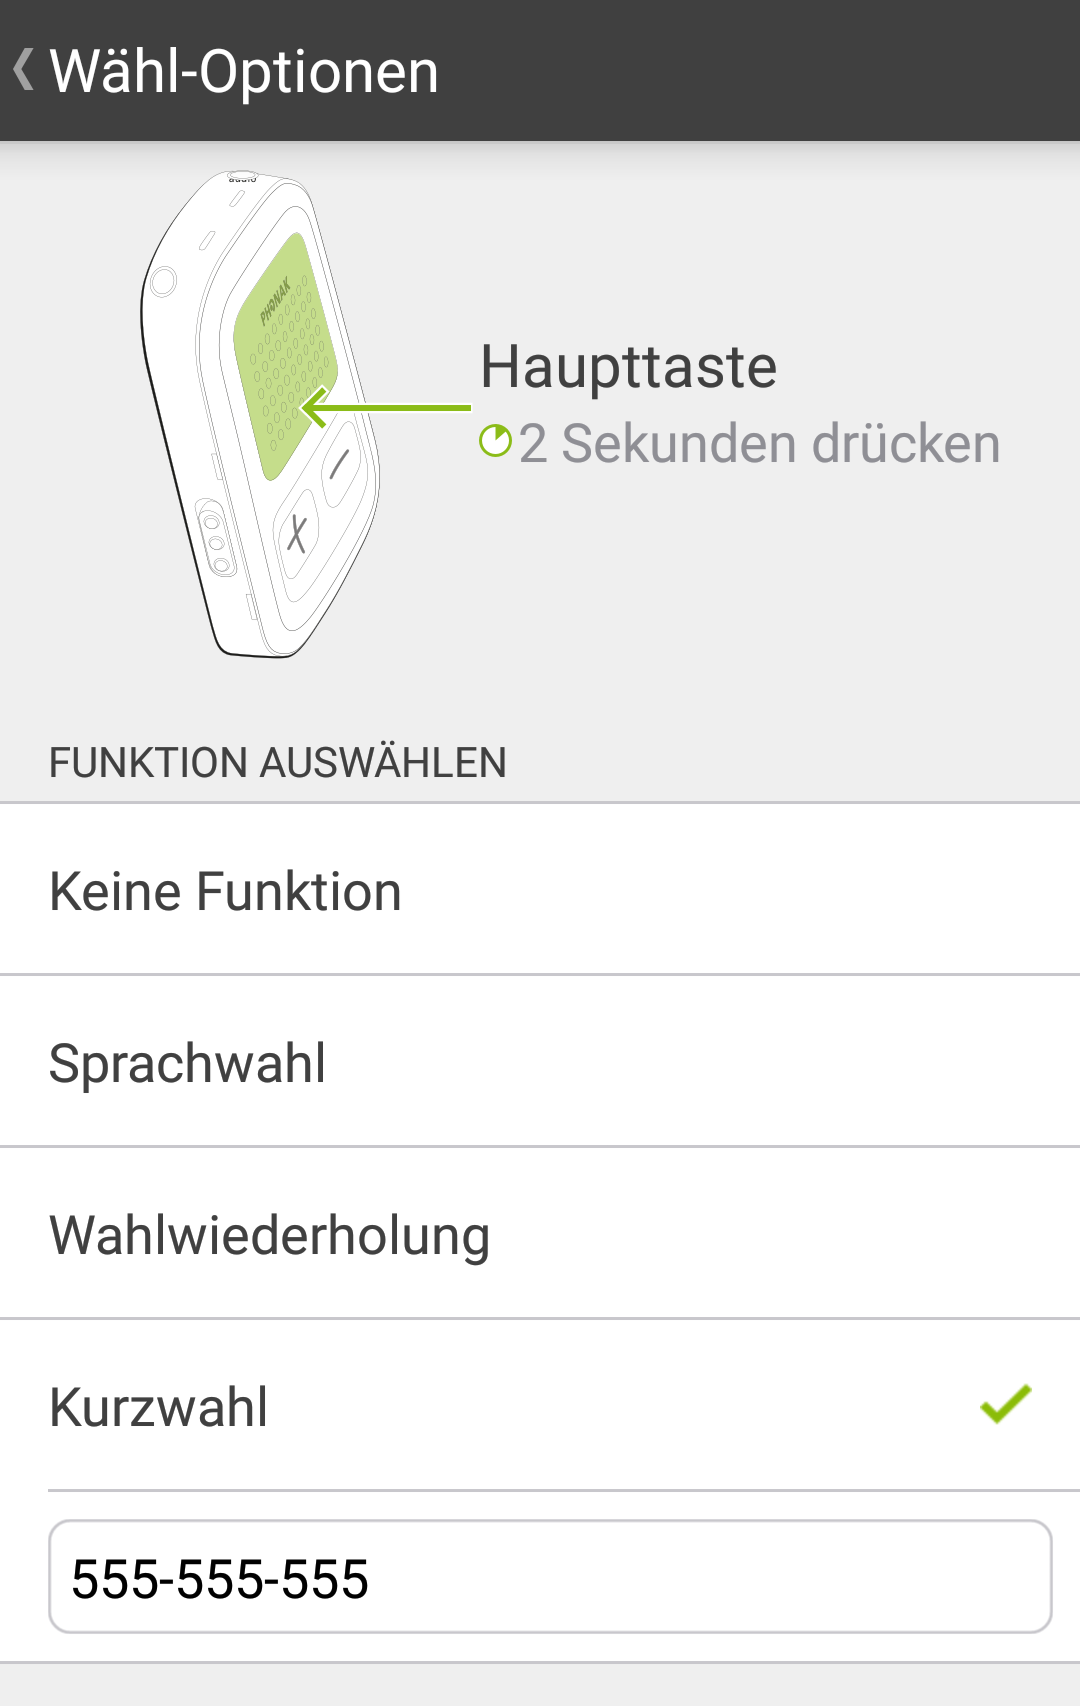 Das Telefon kann auch über die App gesteuert werden.